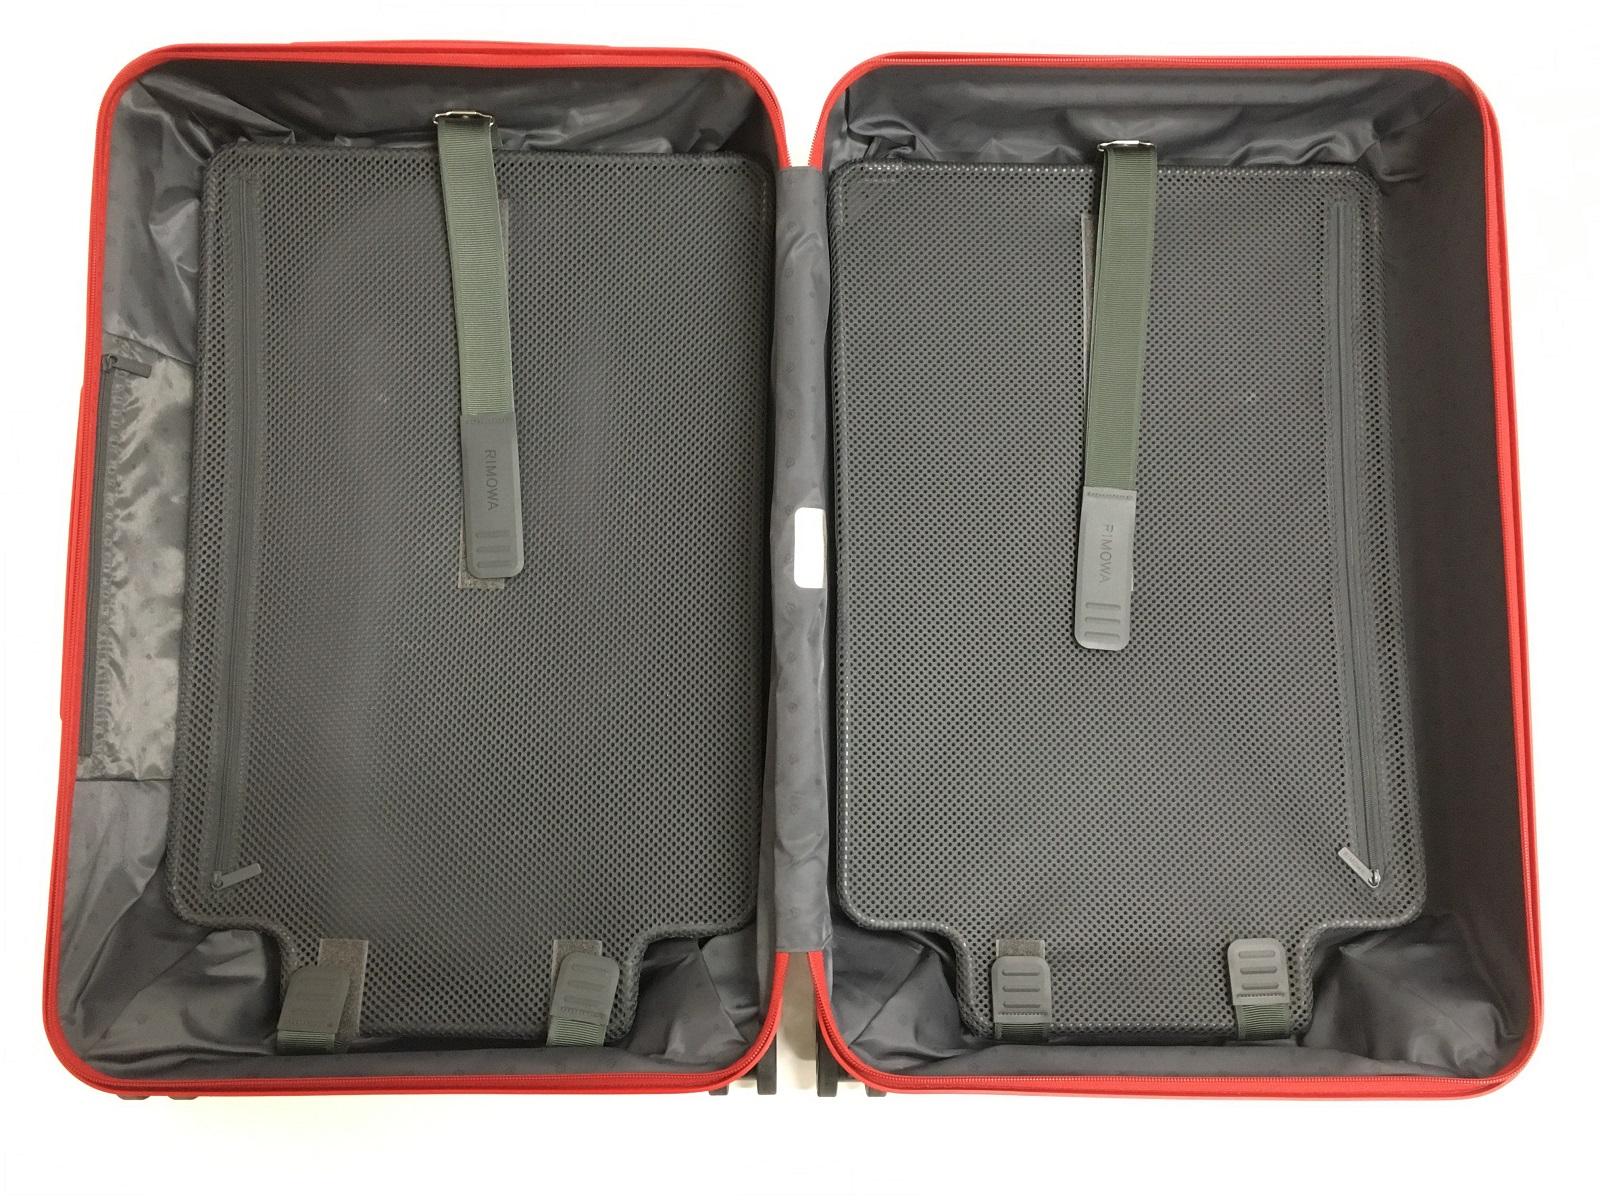 両面開き(ハードタイプ)のスーツケース